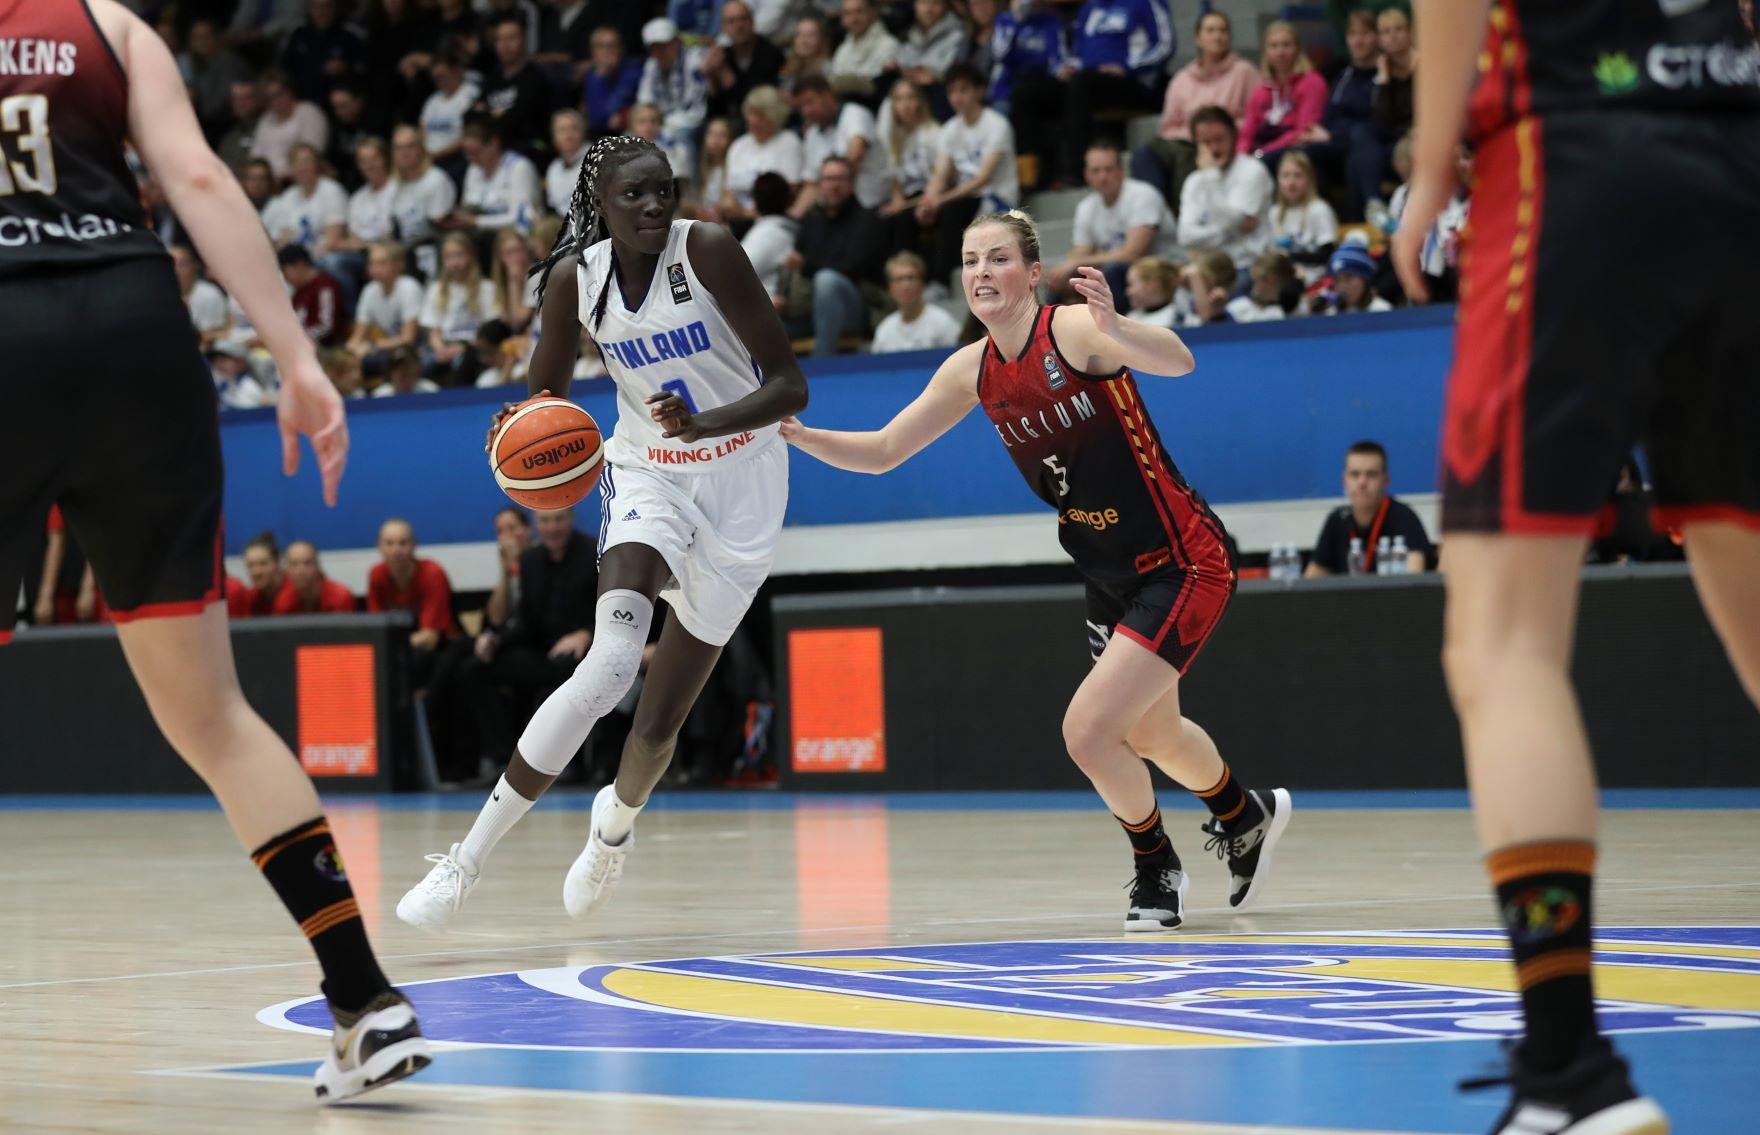 Naiset pelaavat koripalloa